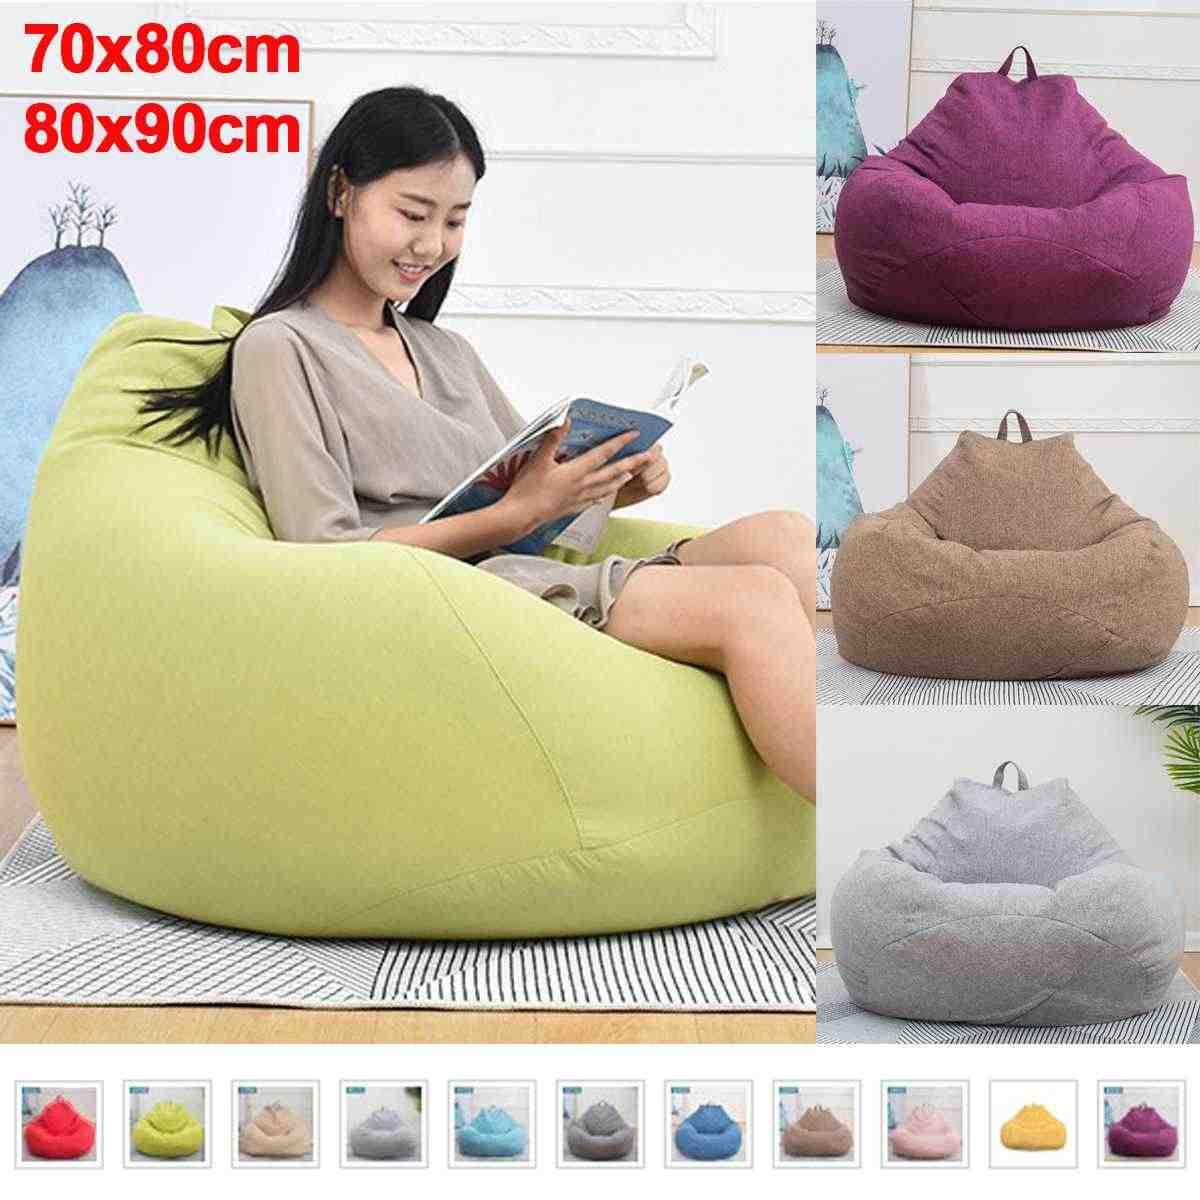 BeanBag preguiçoso Sofás Stuffed Animal Toy Armazenamento Revestimento Interno Impermeável Cadeira do Saco de Feijão sem Cobertura Beanbag Sofás Forro Único